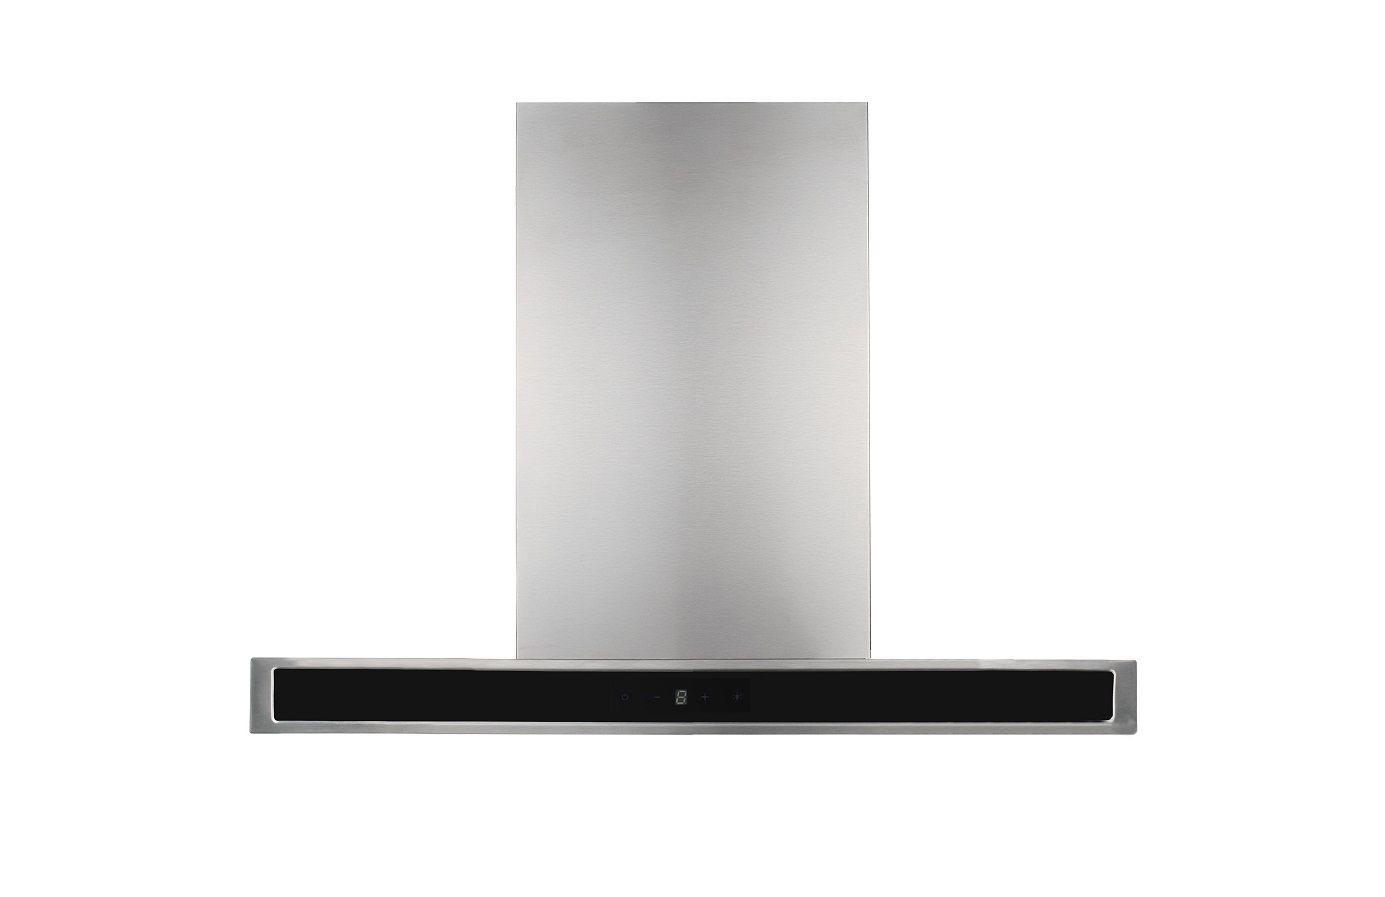 Pkm 8060g z 60cm dunstabzugshaube edelstahl glas schwarz abluft